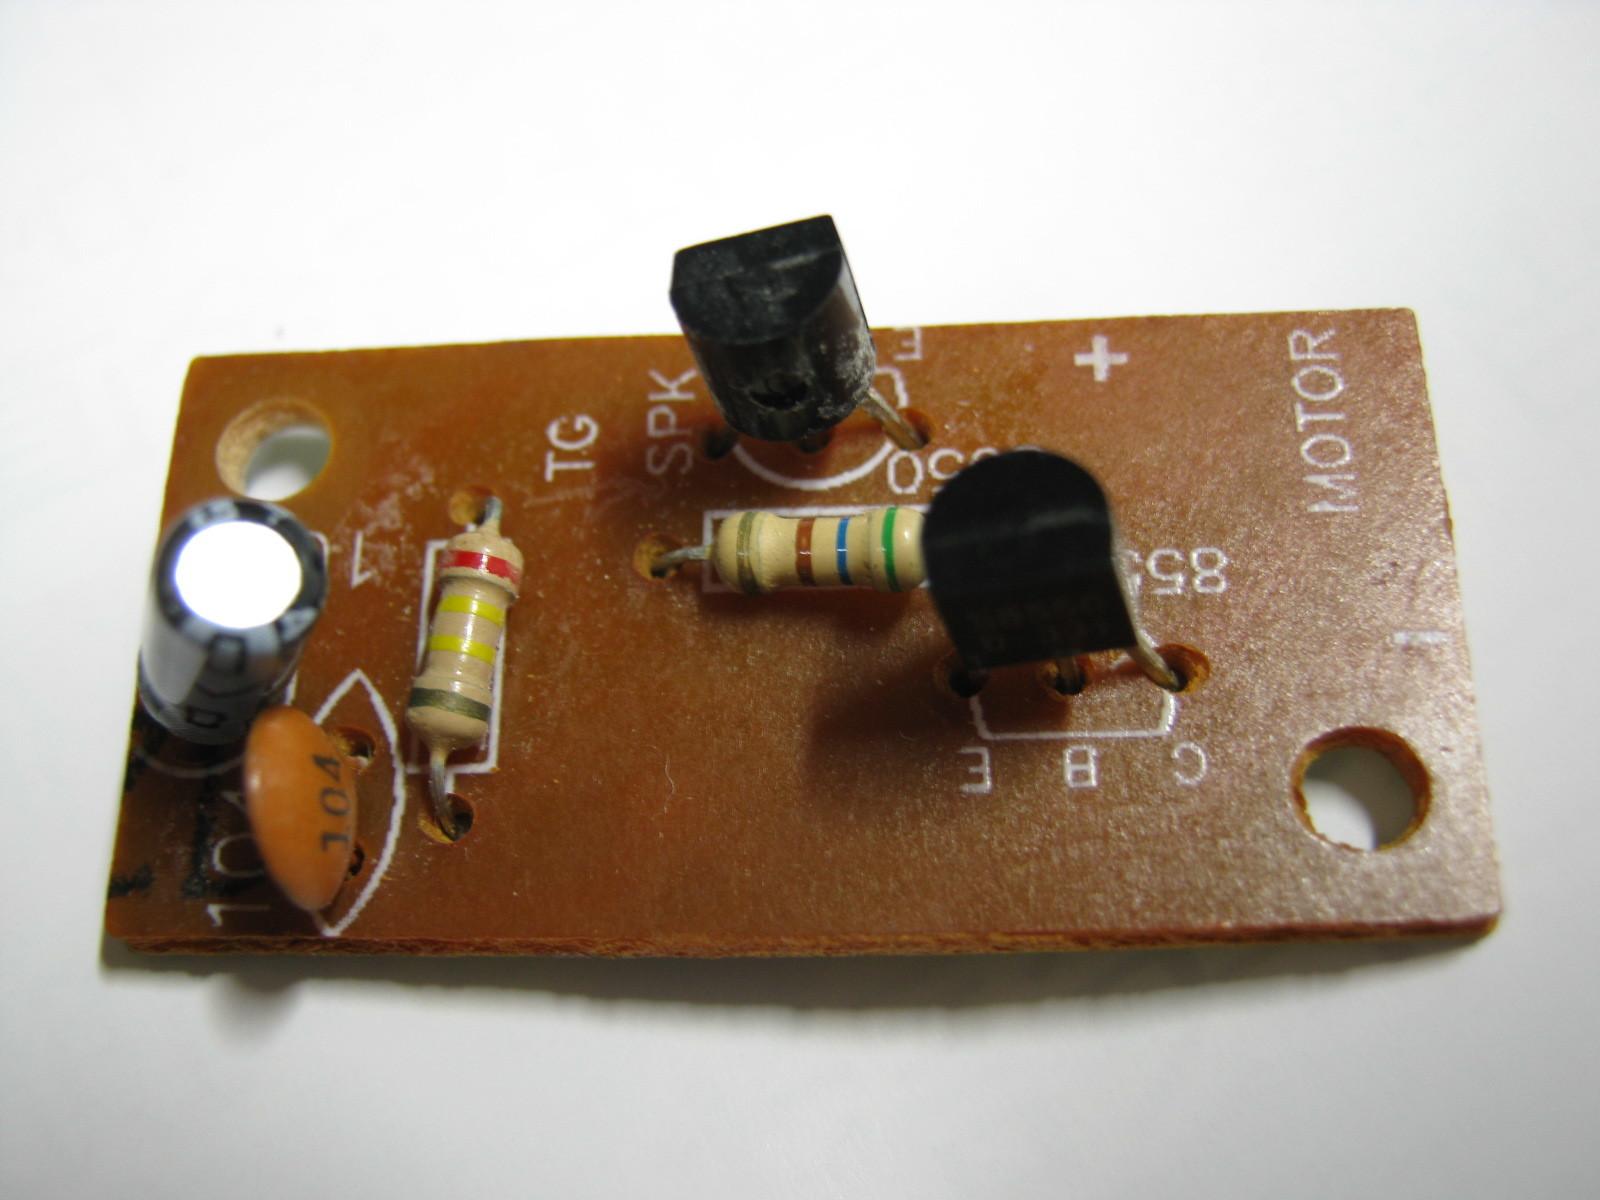 三輪車のハンドルに付ける鳴り物飾り(マイコン換装)COB表